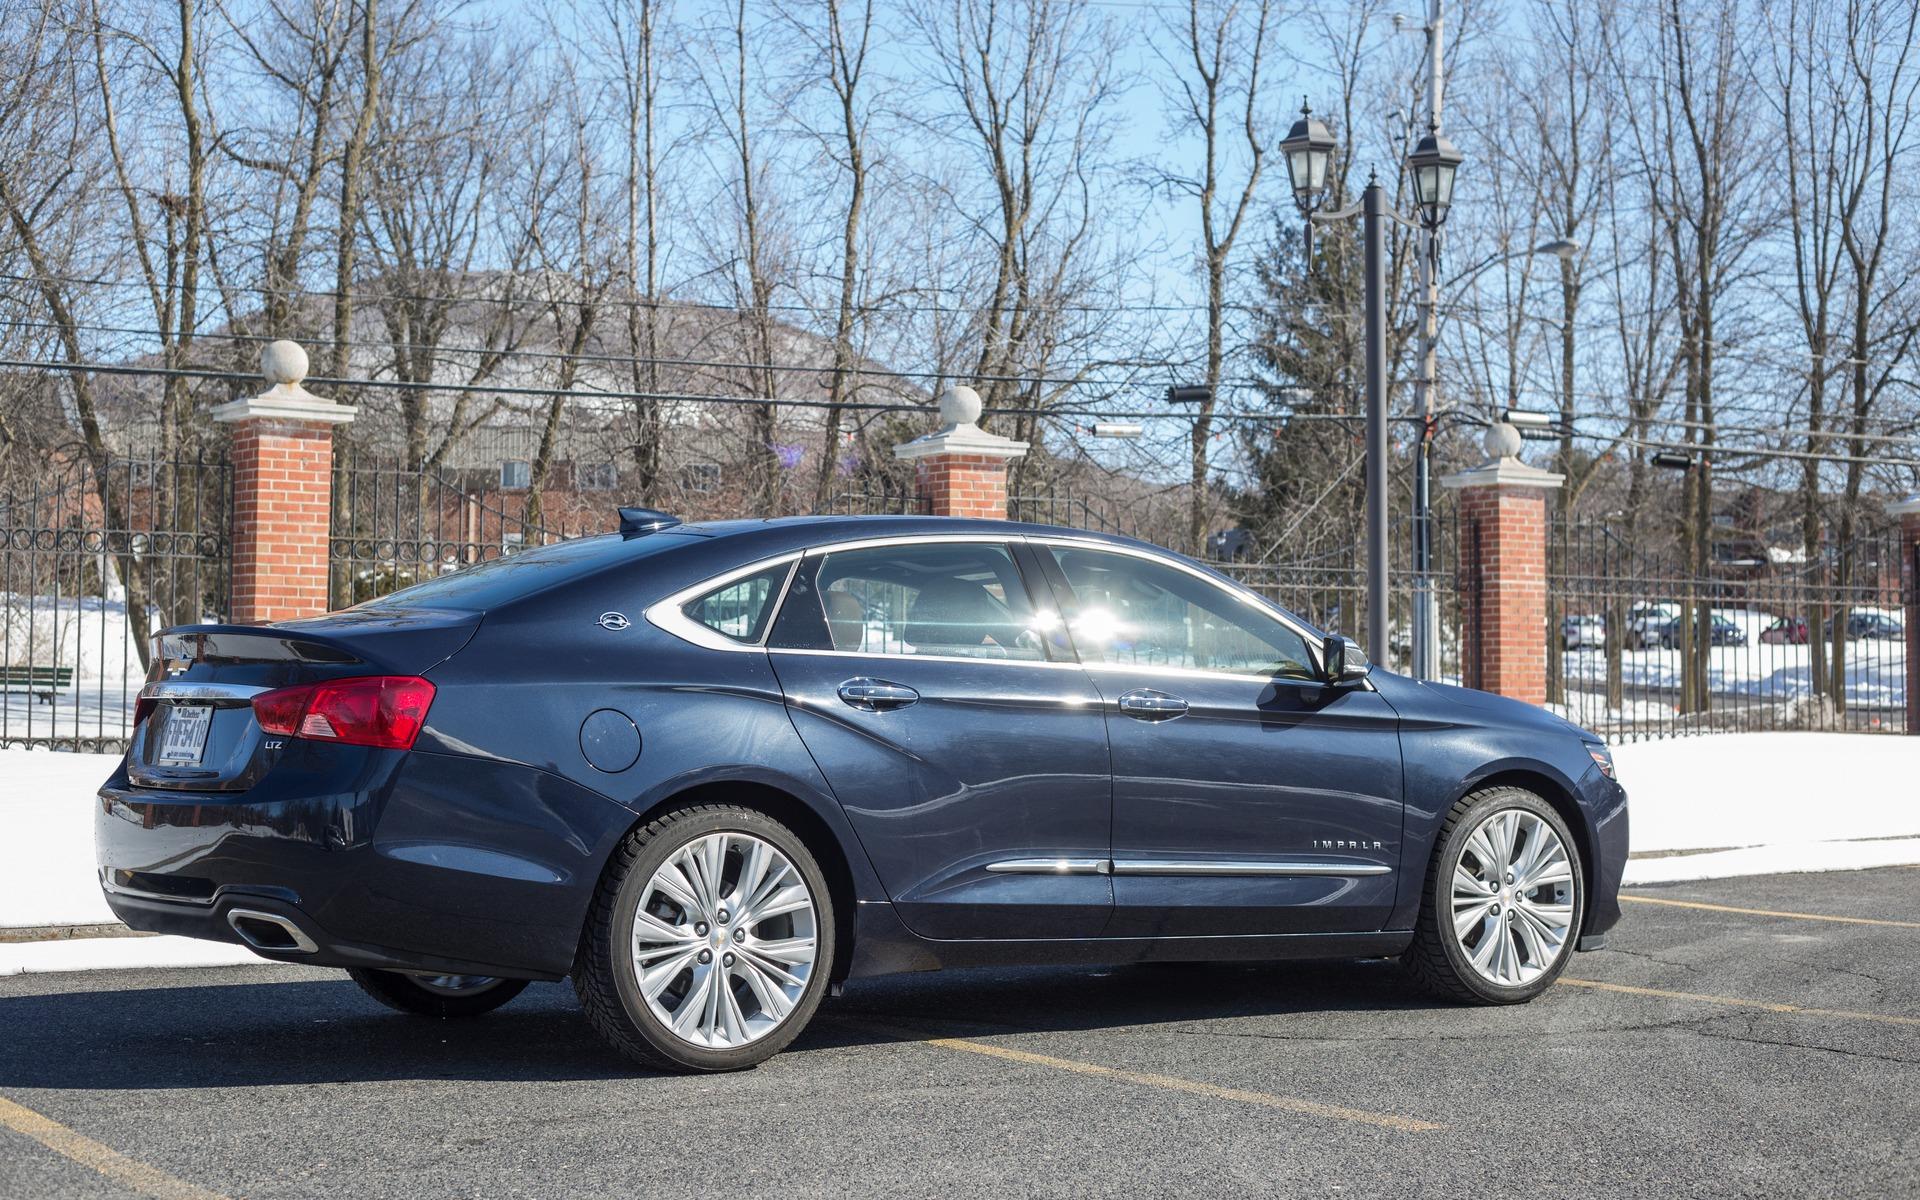 Beaucoup de chrome sur l'Impala LTZ.